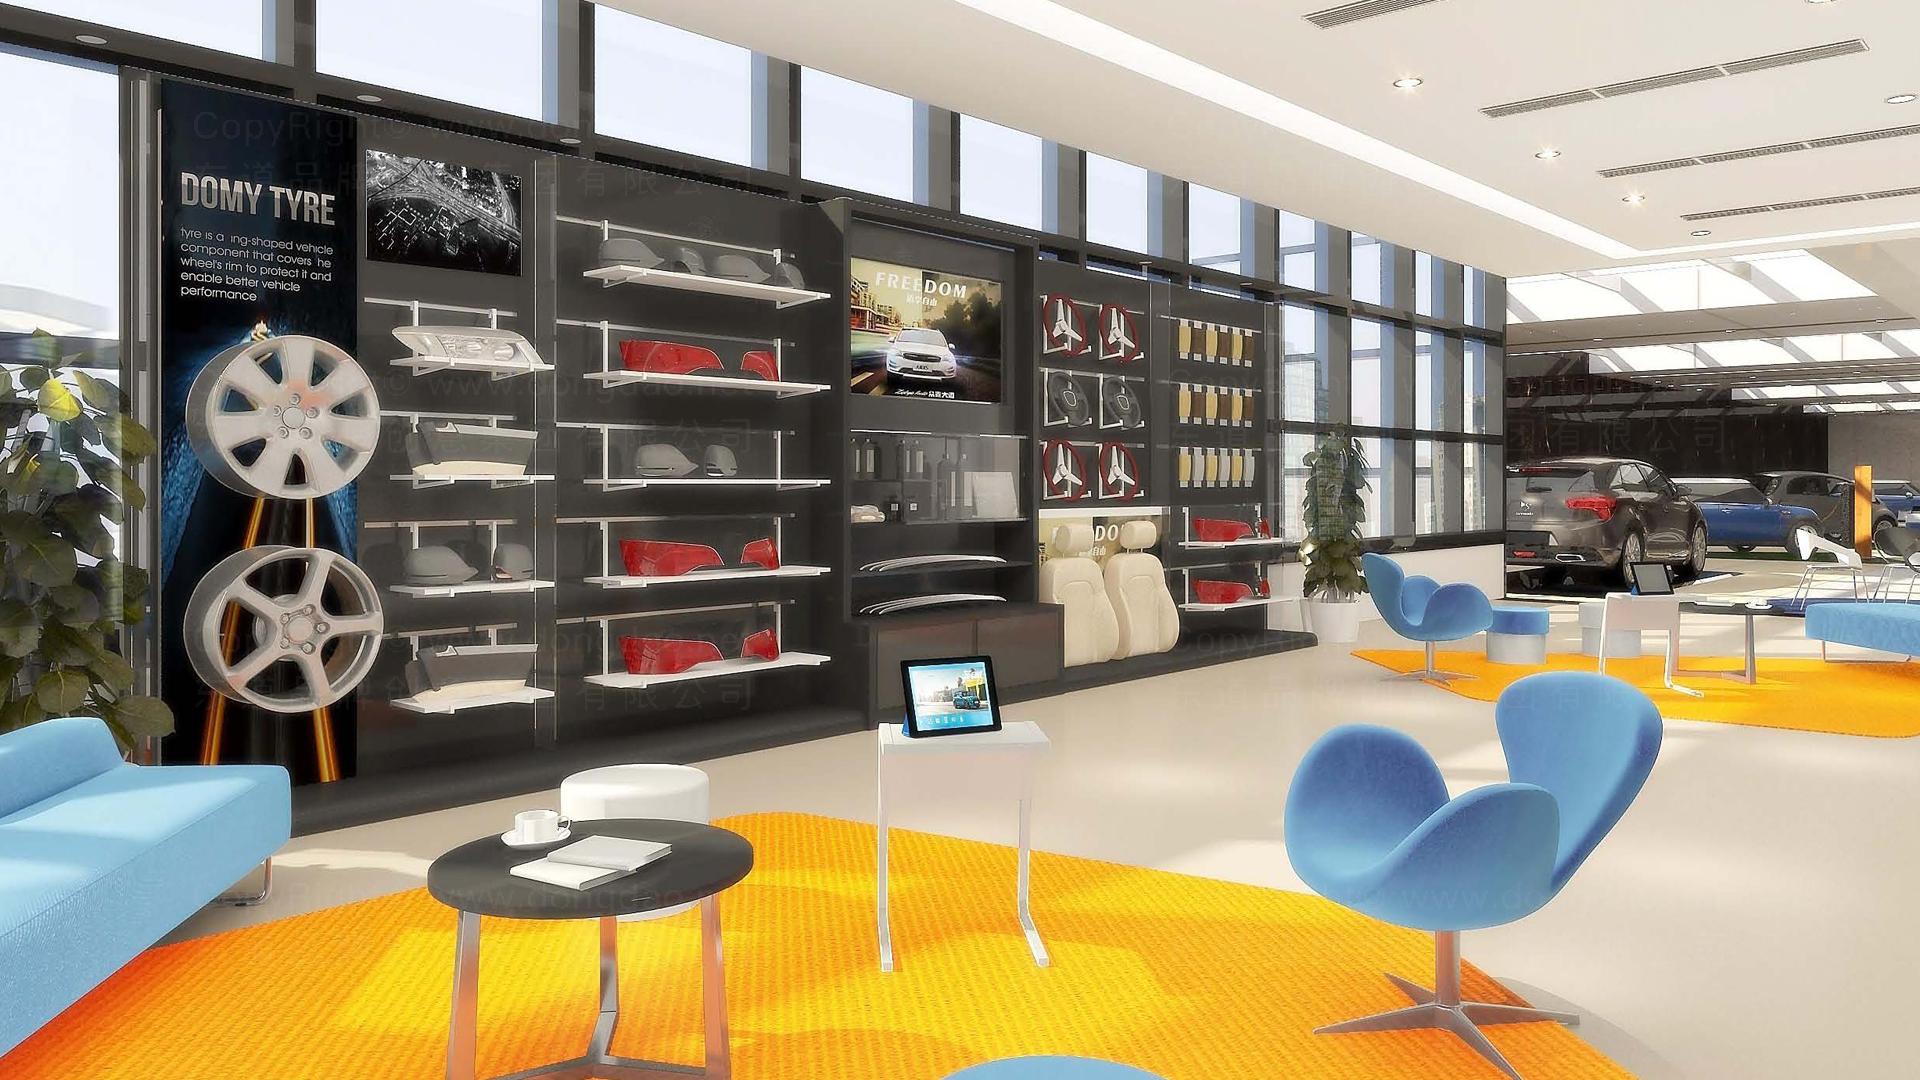 商业空间&导示汽车之家汽车之家 SI 设计应用场景_1